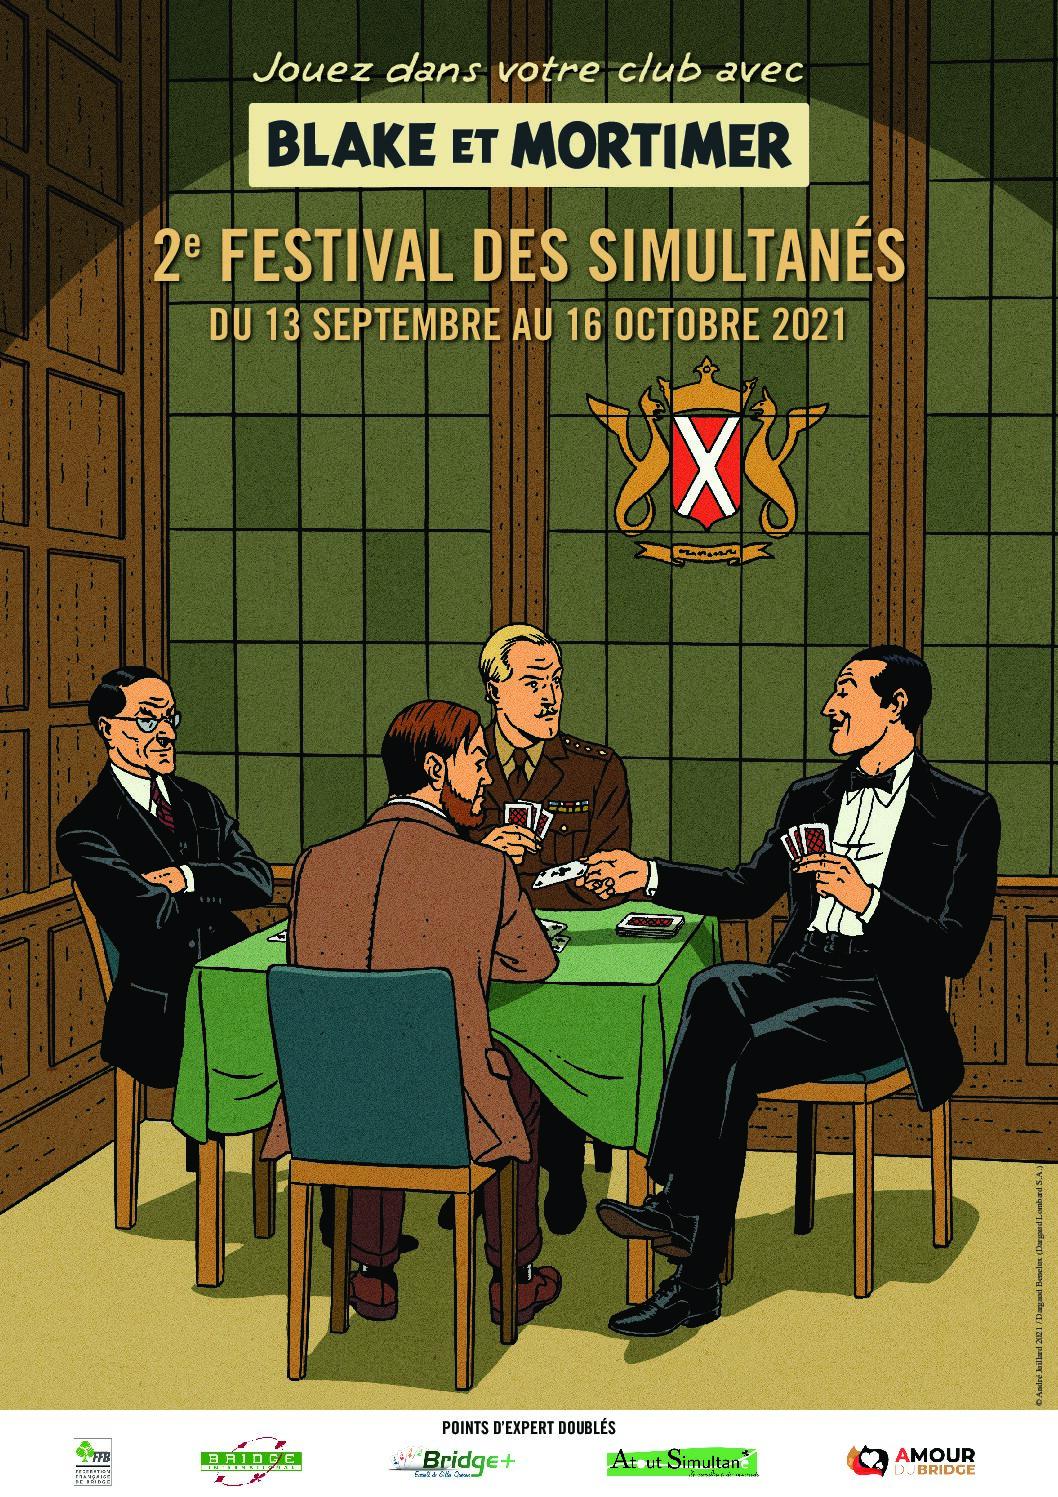 2ème Festival des Simultanés